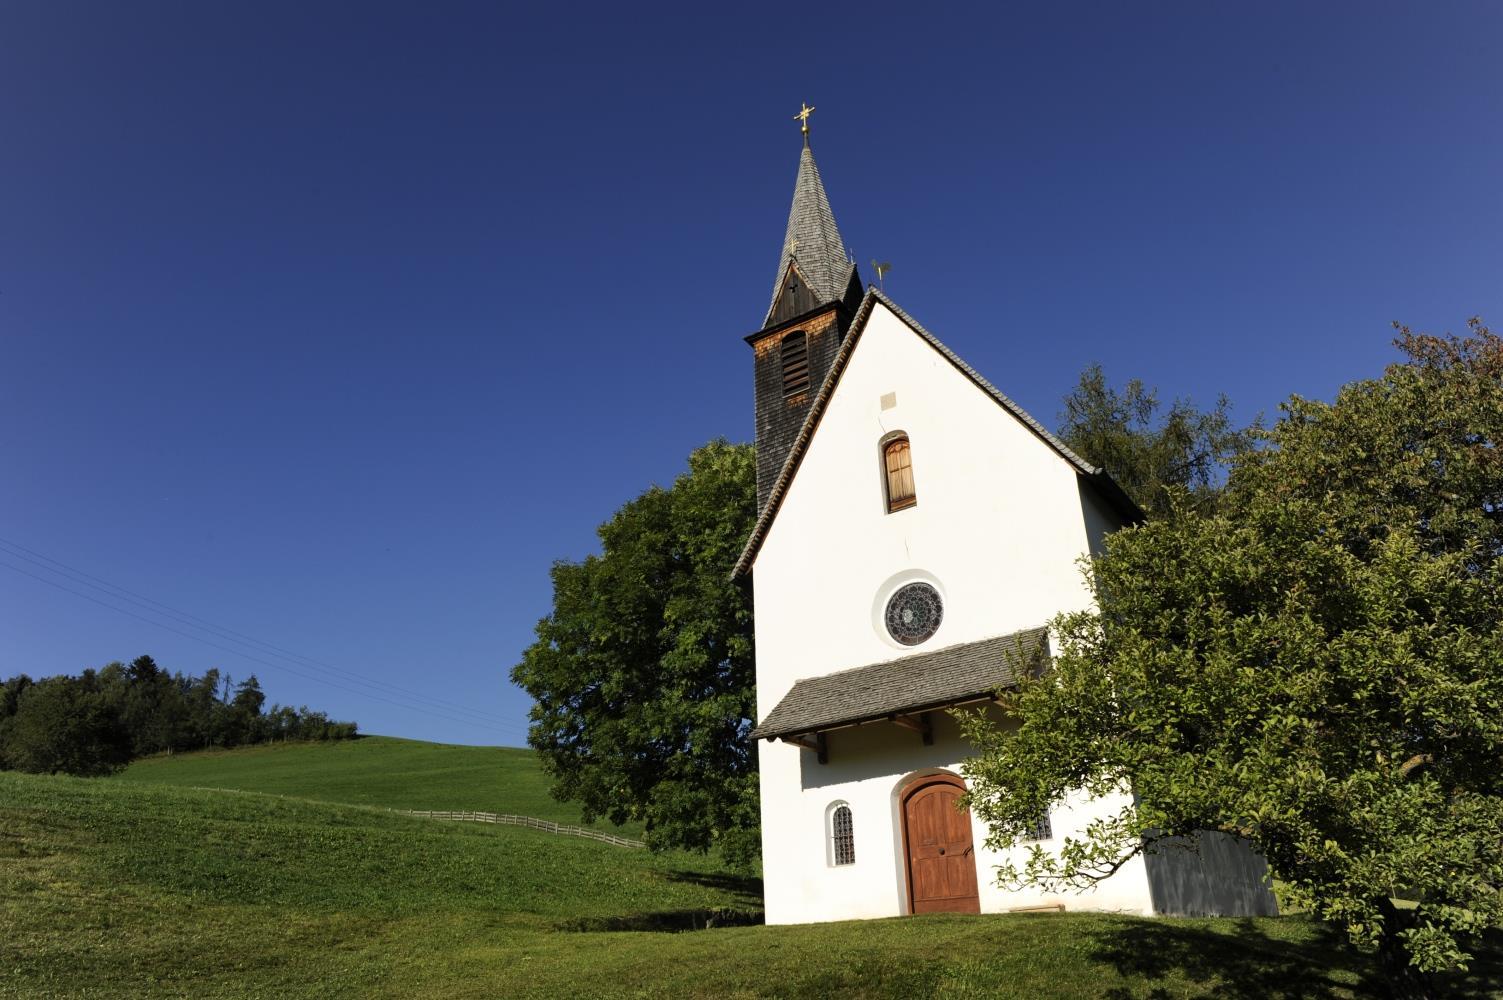 Church of St. Anna